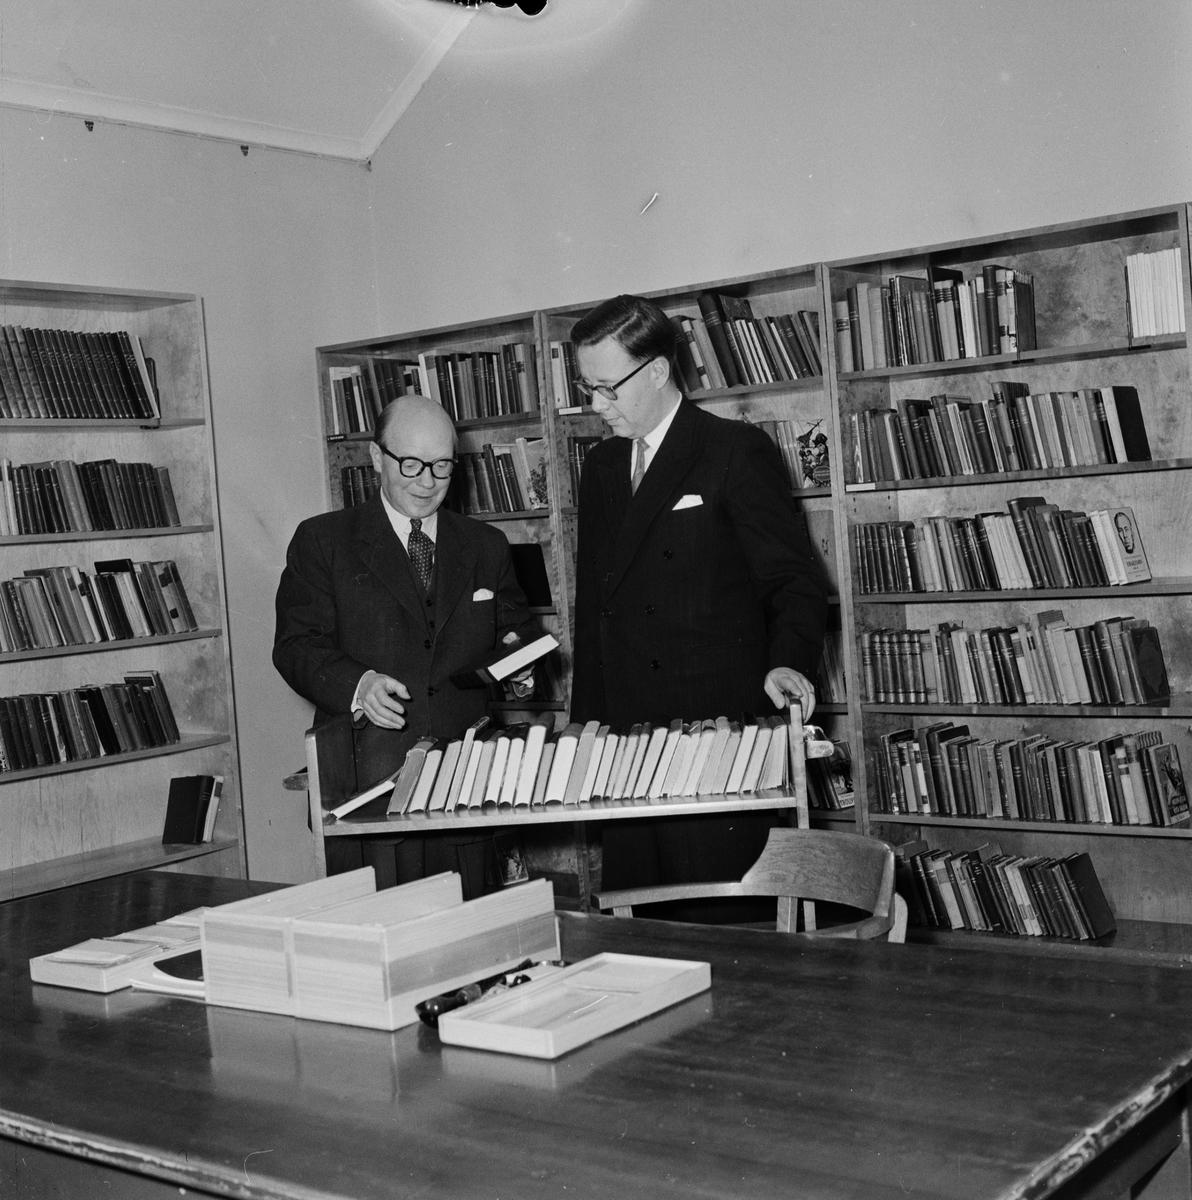 UNT-reportage, bibliotek, Tierp januari 1959